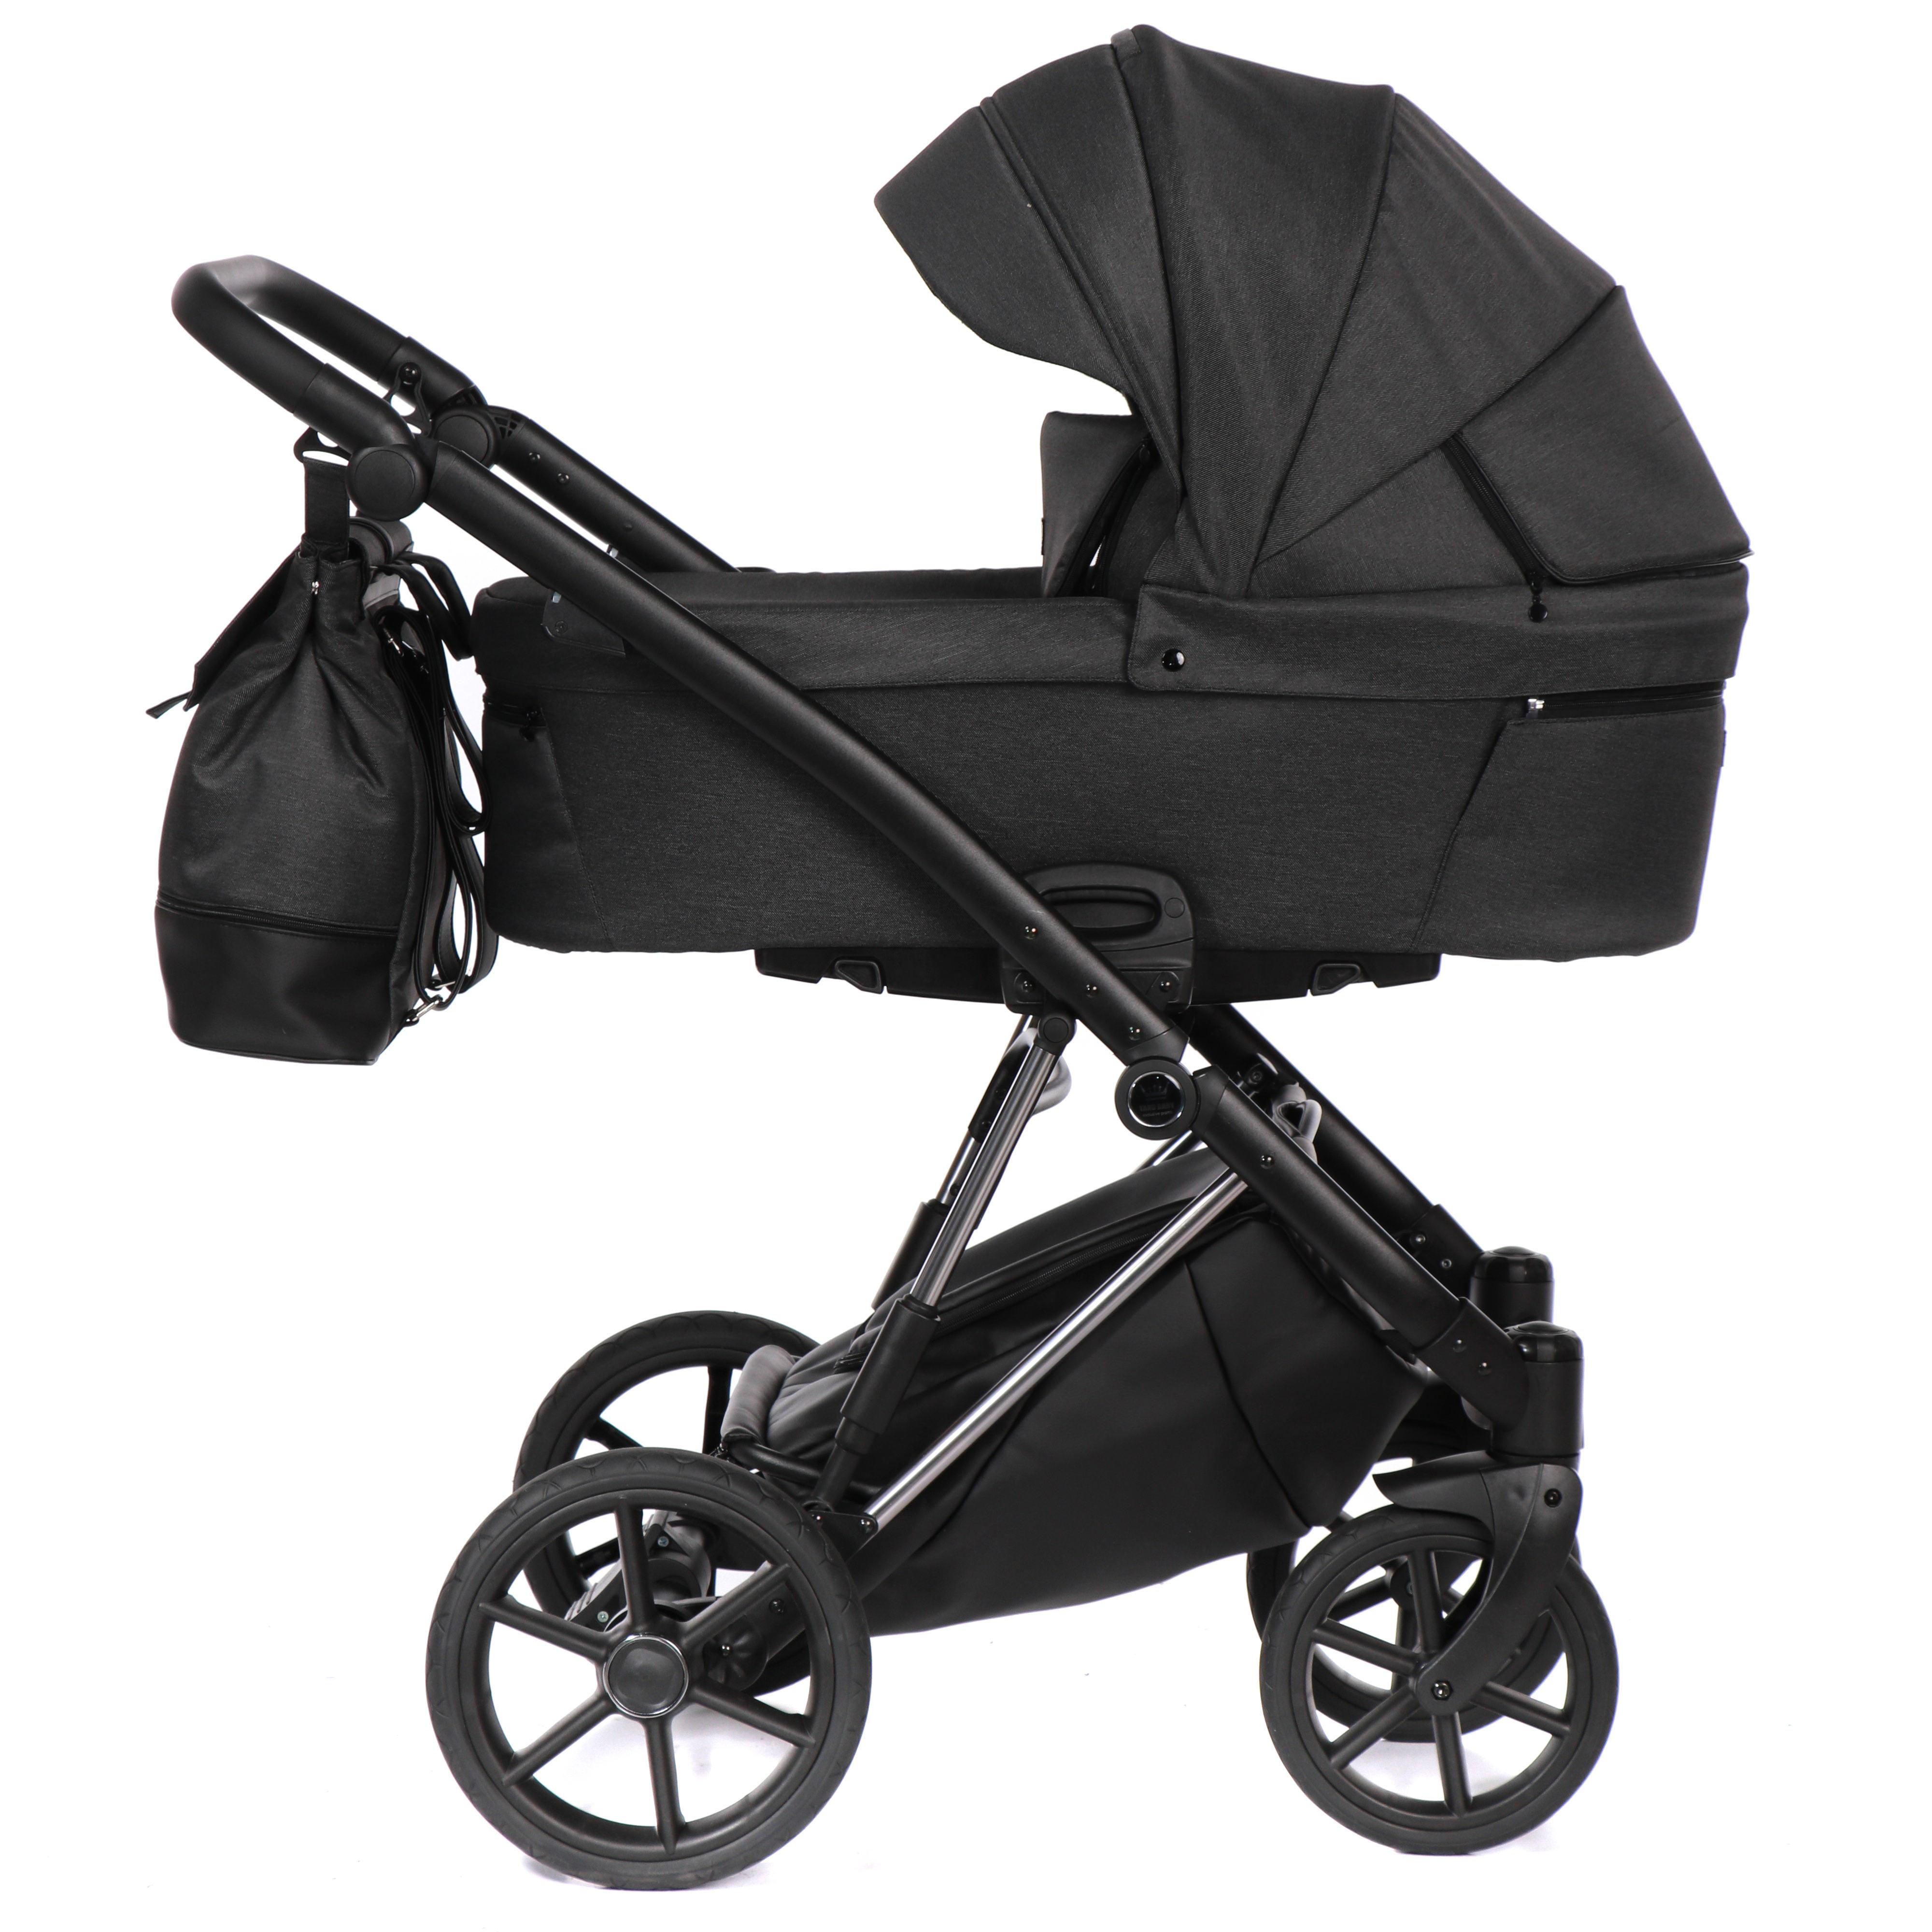 wielofunkcyjny wózek Artemo dziecięcy  Tako